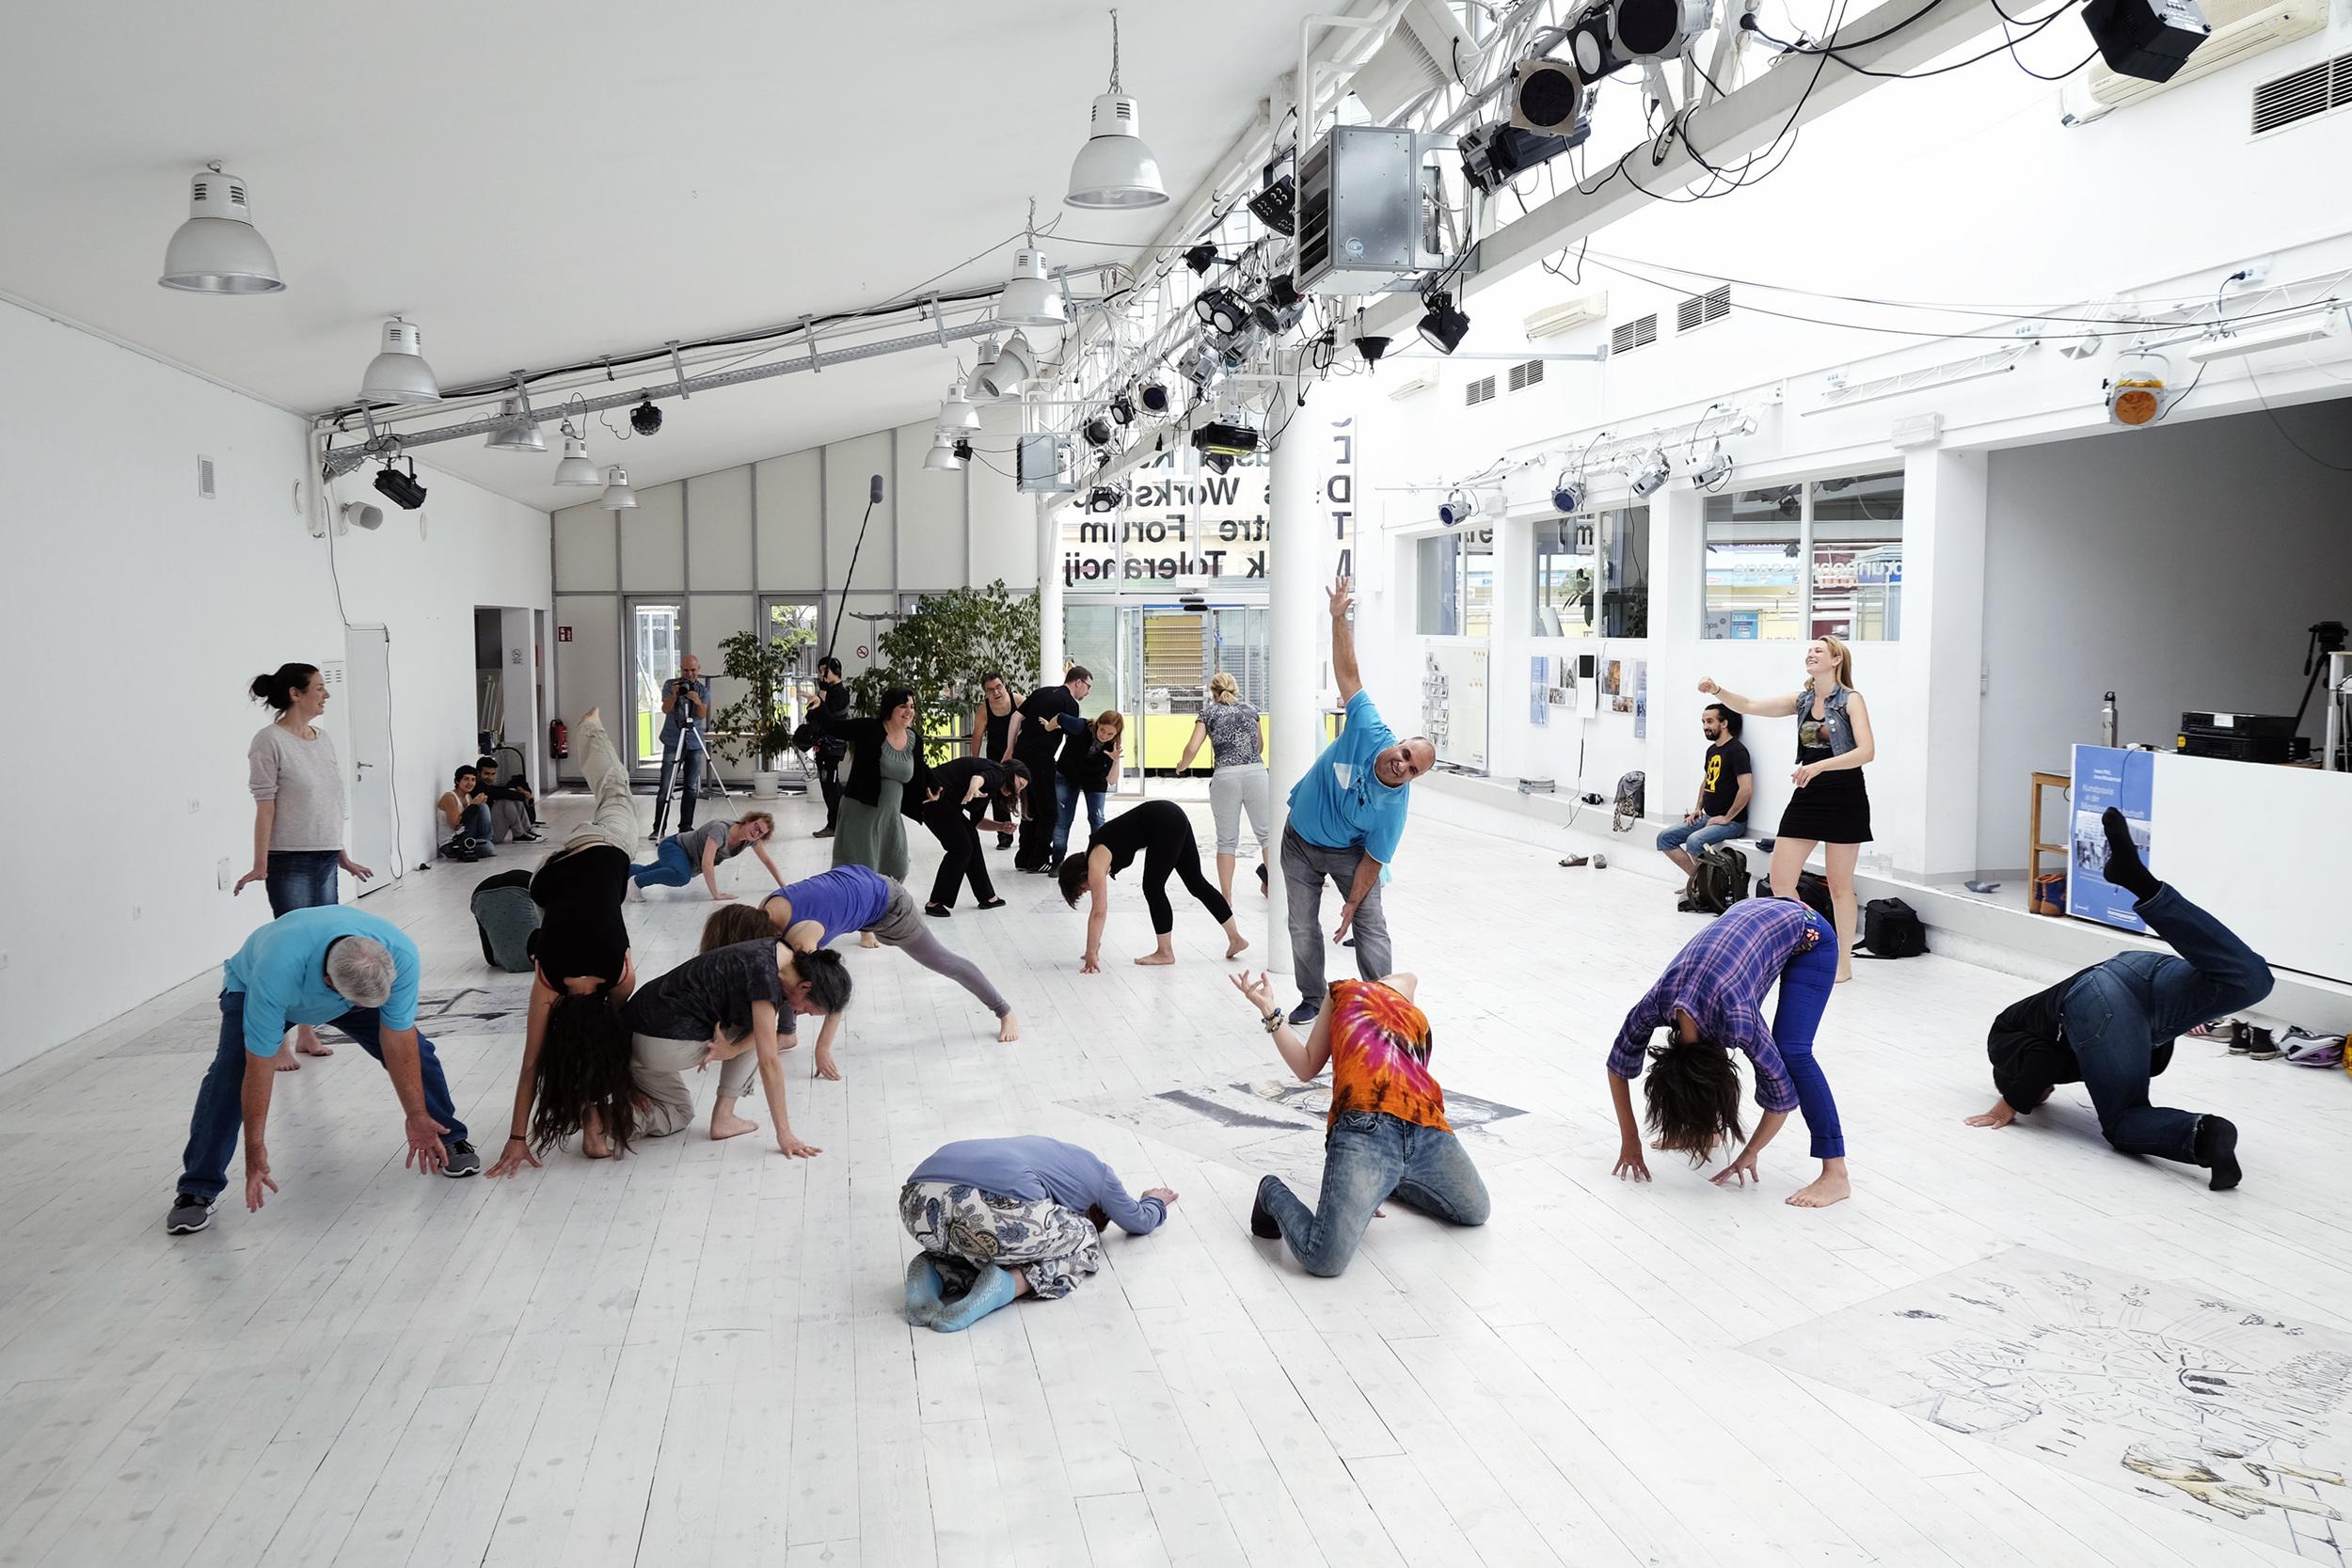 Workshop at Brunnenpassage in Vienna, Austria